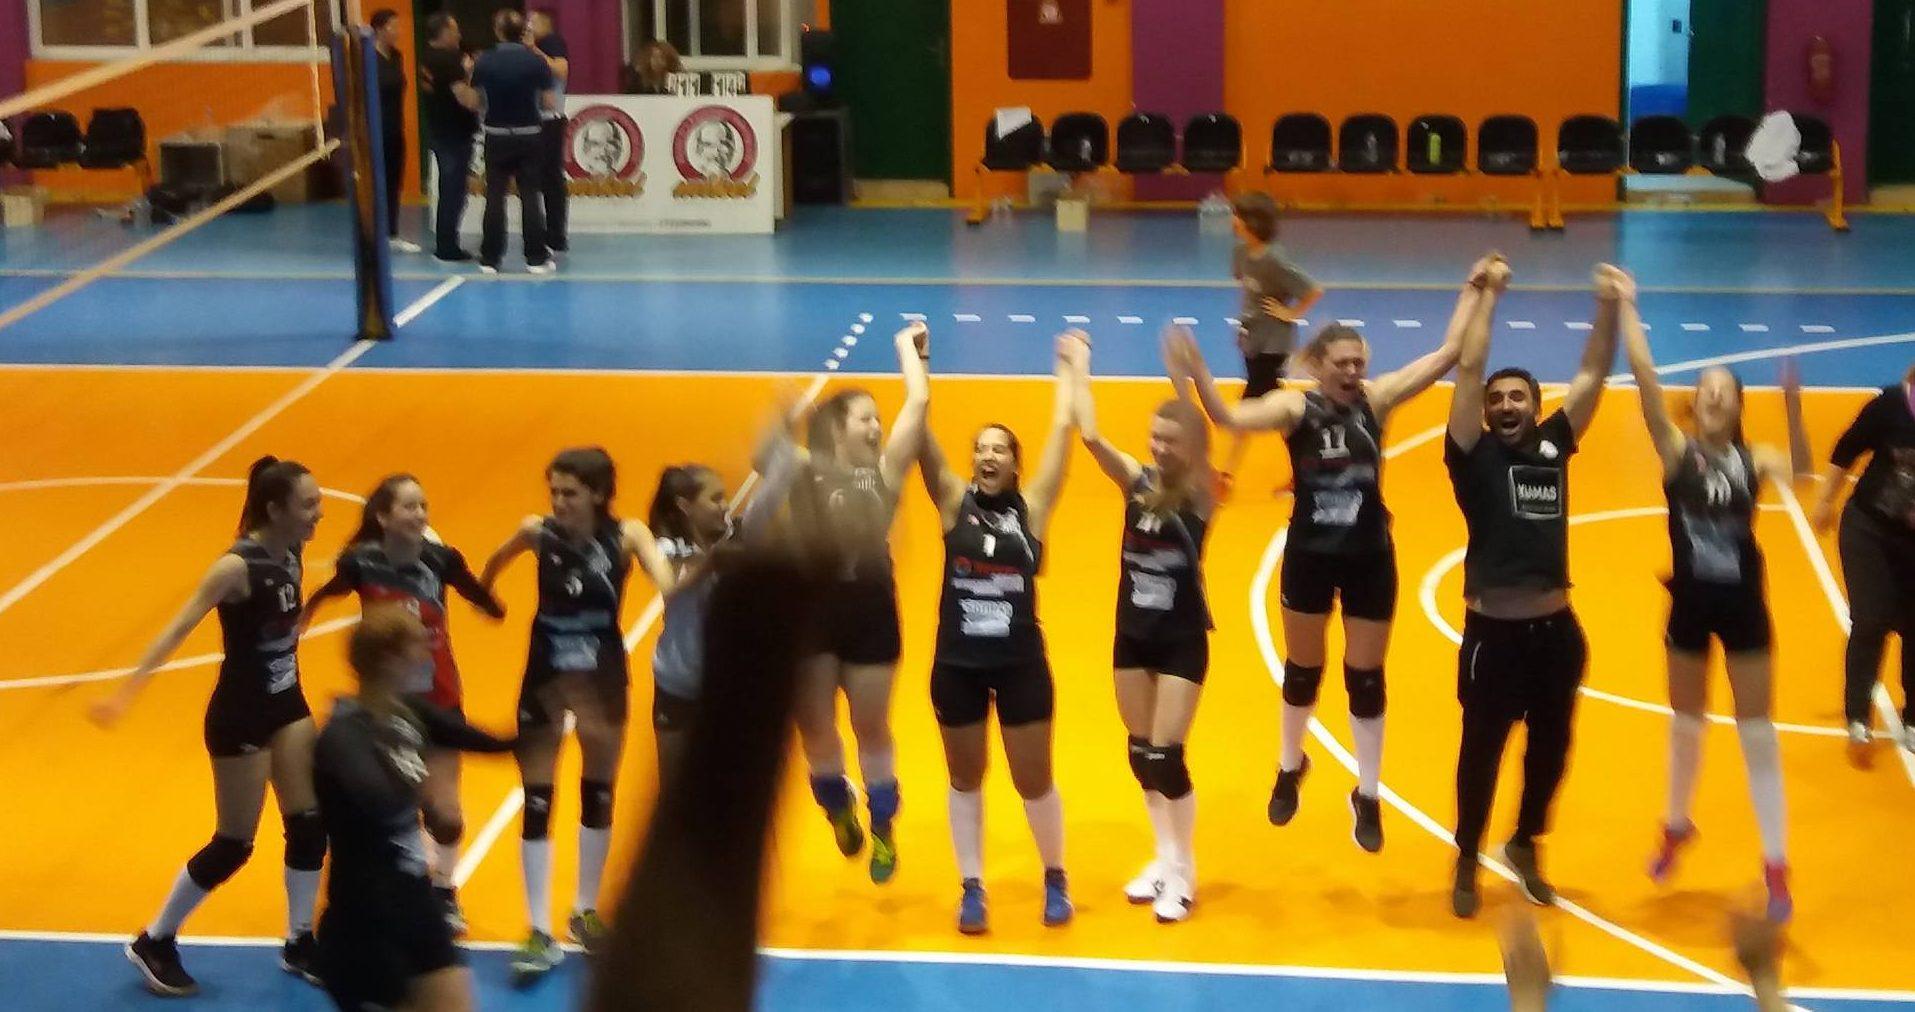 Απόλλωνας Καλαμάτας: Με ψυχή αναδείχθηκε πρωταθλήτρια Πελοποννήσου